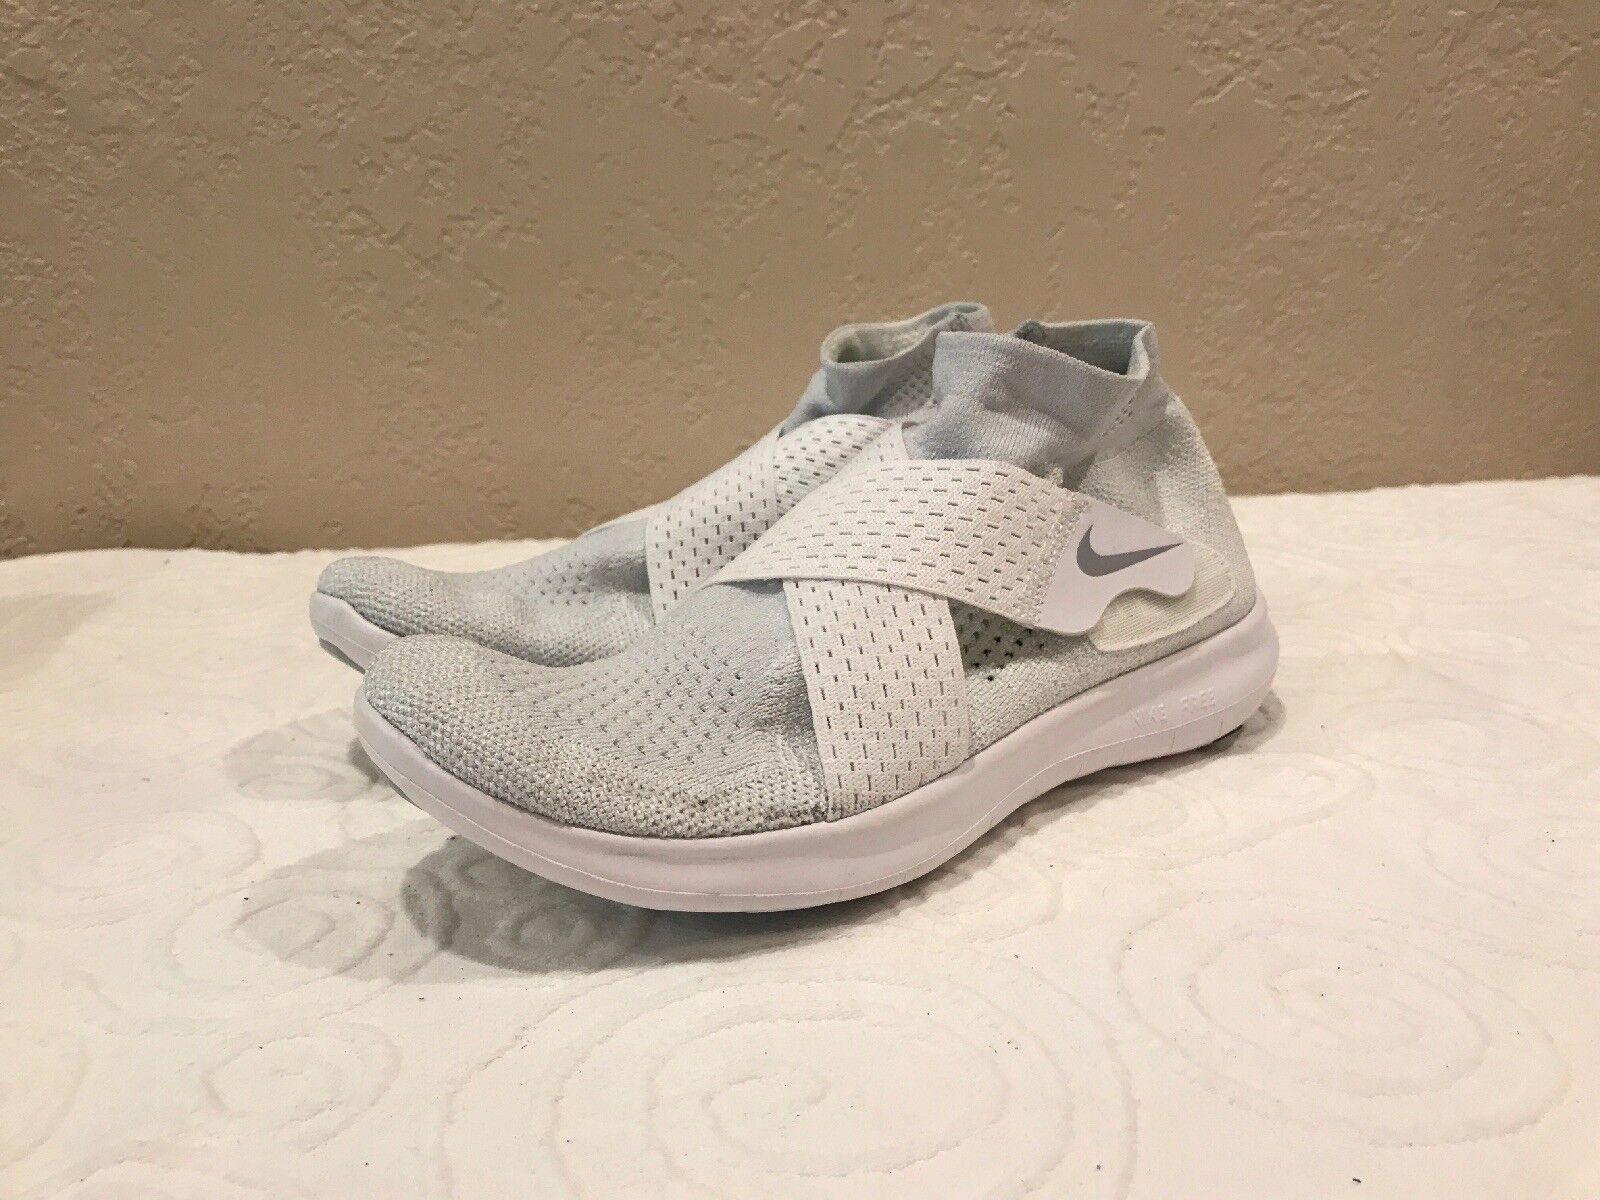 les golkana chaussures de golkana les nouvelles nike taille 8 862513-203 bottes doublées de fourrure 2bae7e